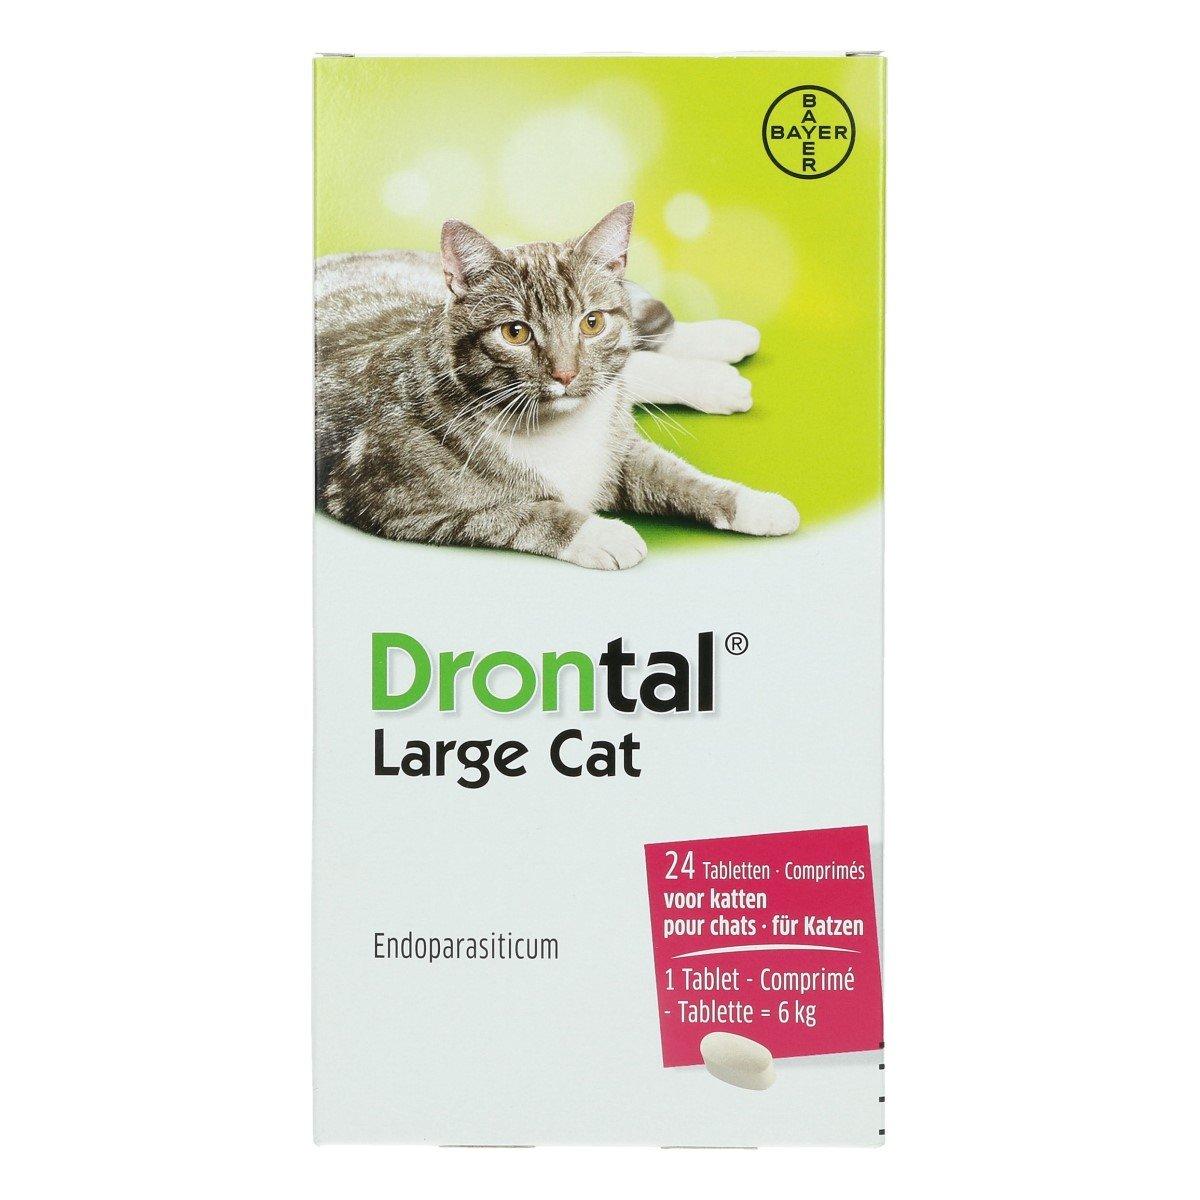 Afbeelding van Drontal Cat Large 24 Tabletten